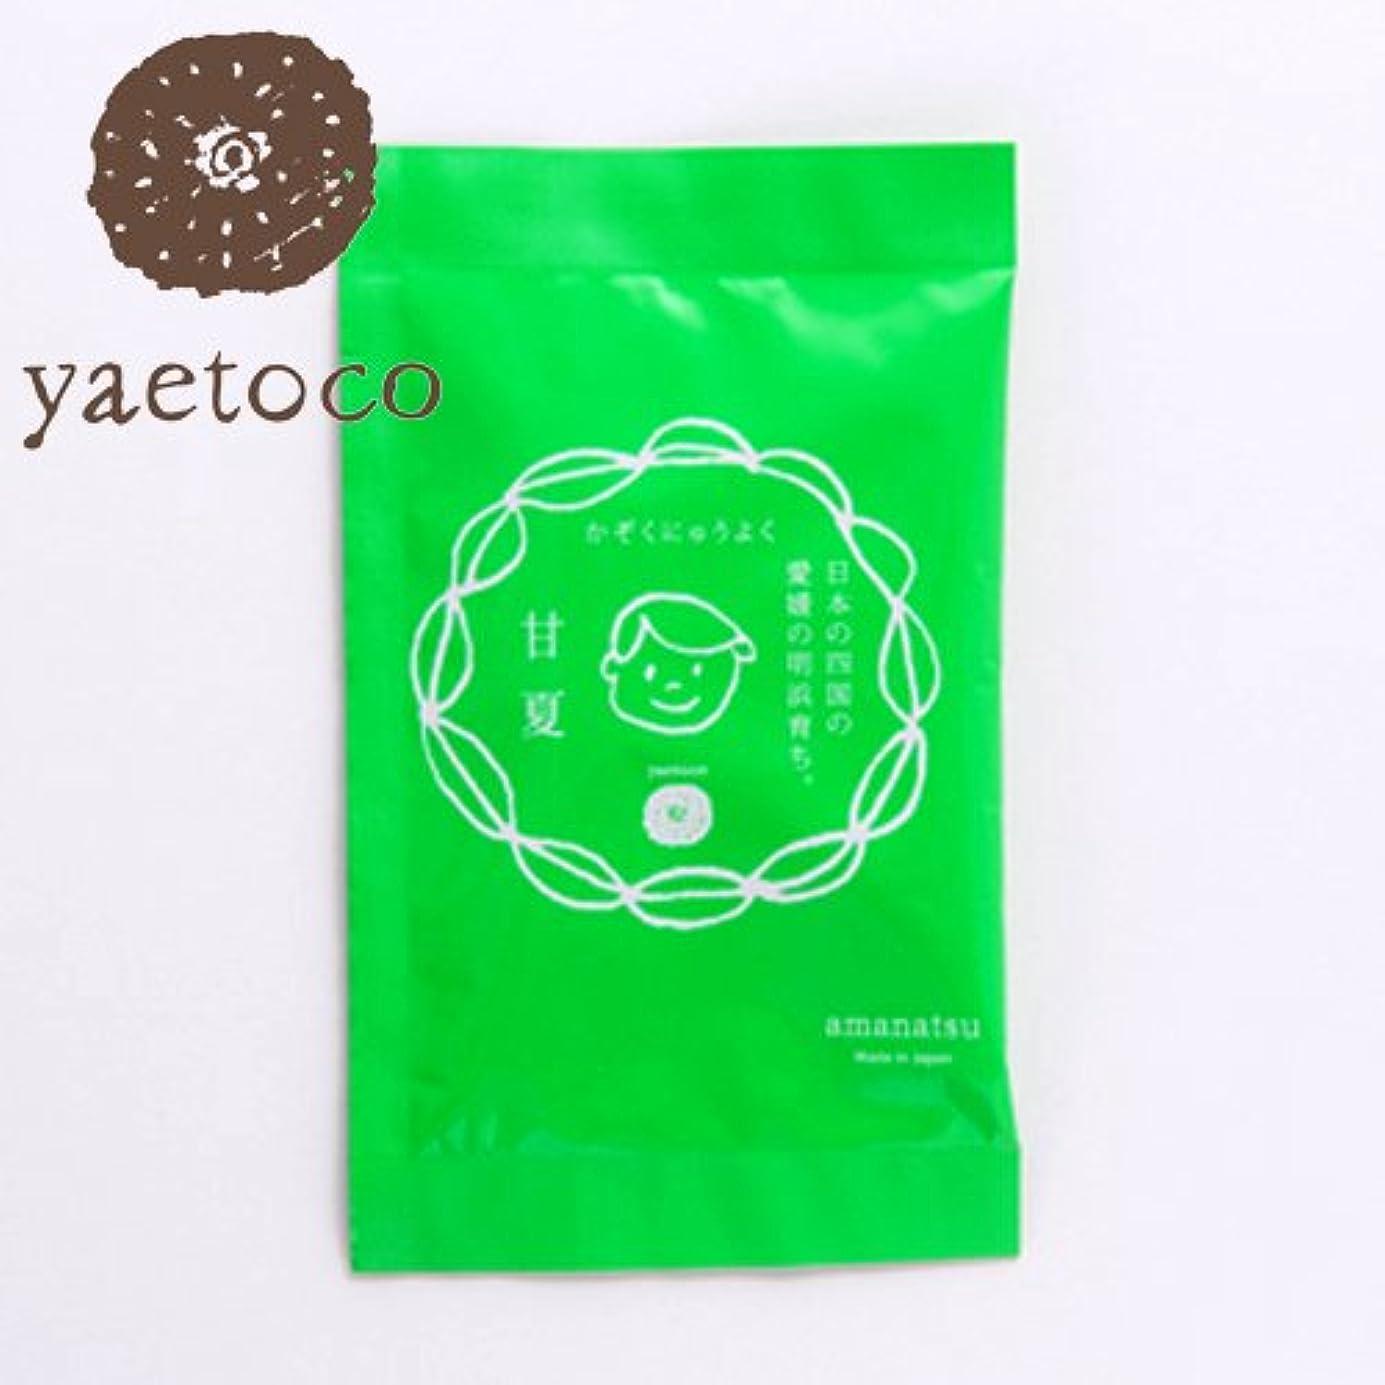 繰り返した版熱狂的なヤエトコ 家族入浴料甘夏の香り 50g